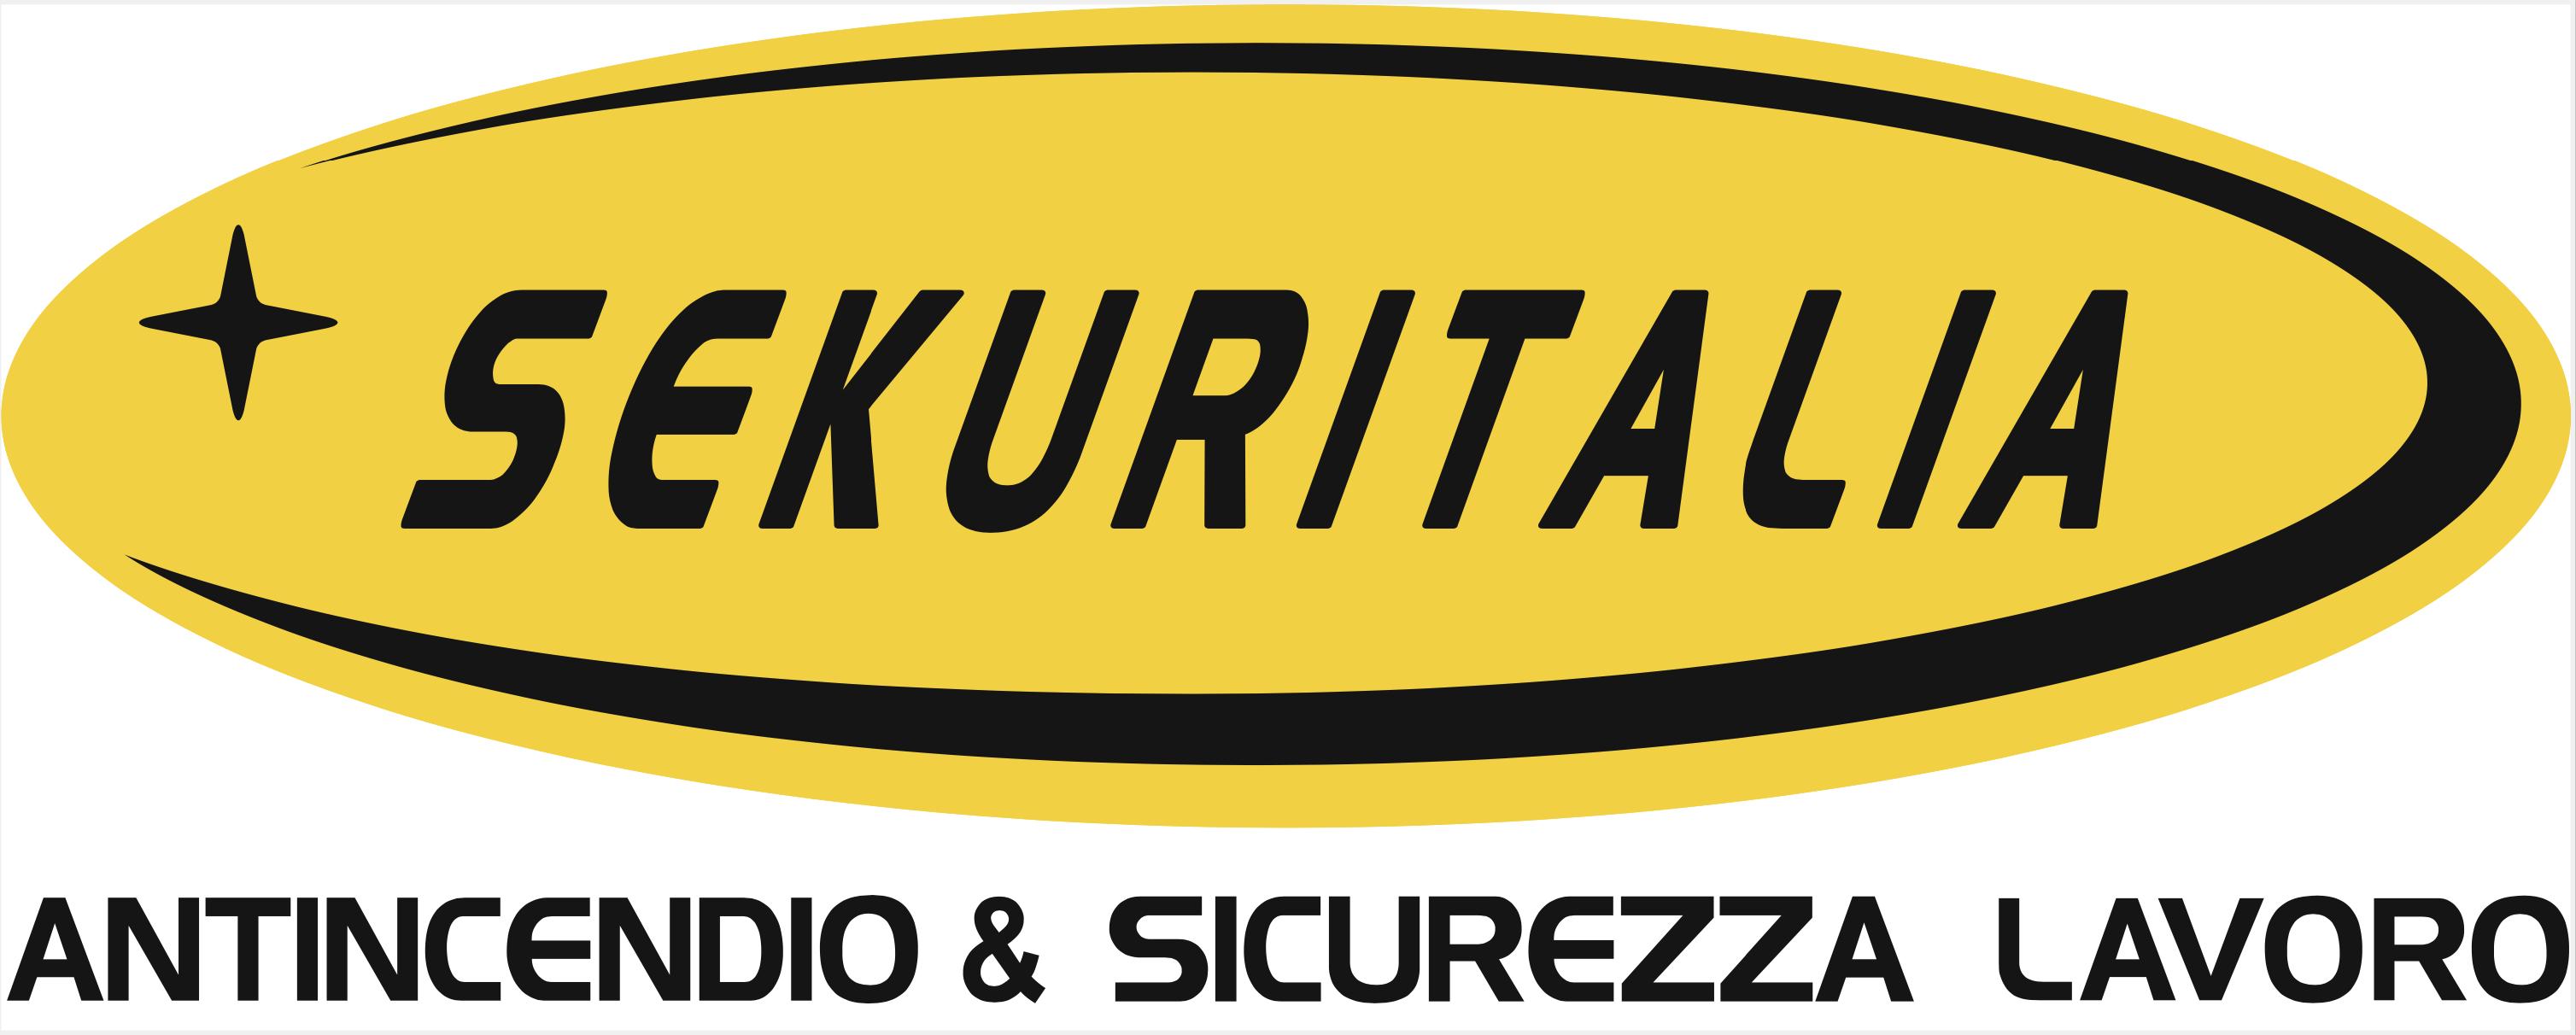 Logo SEKURITALIA